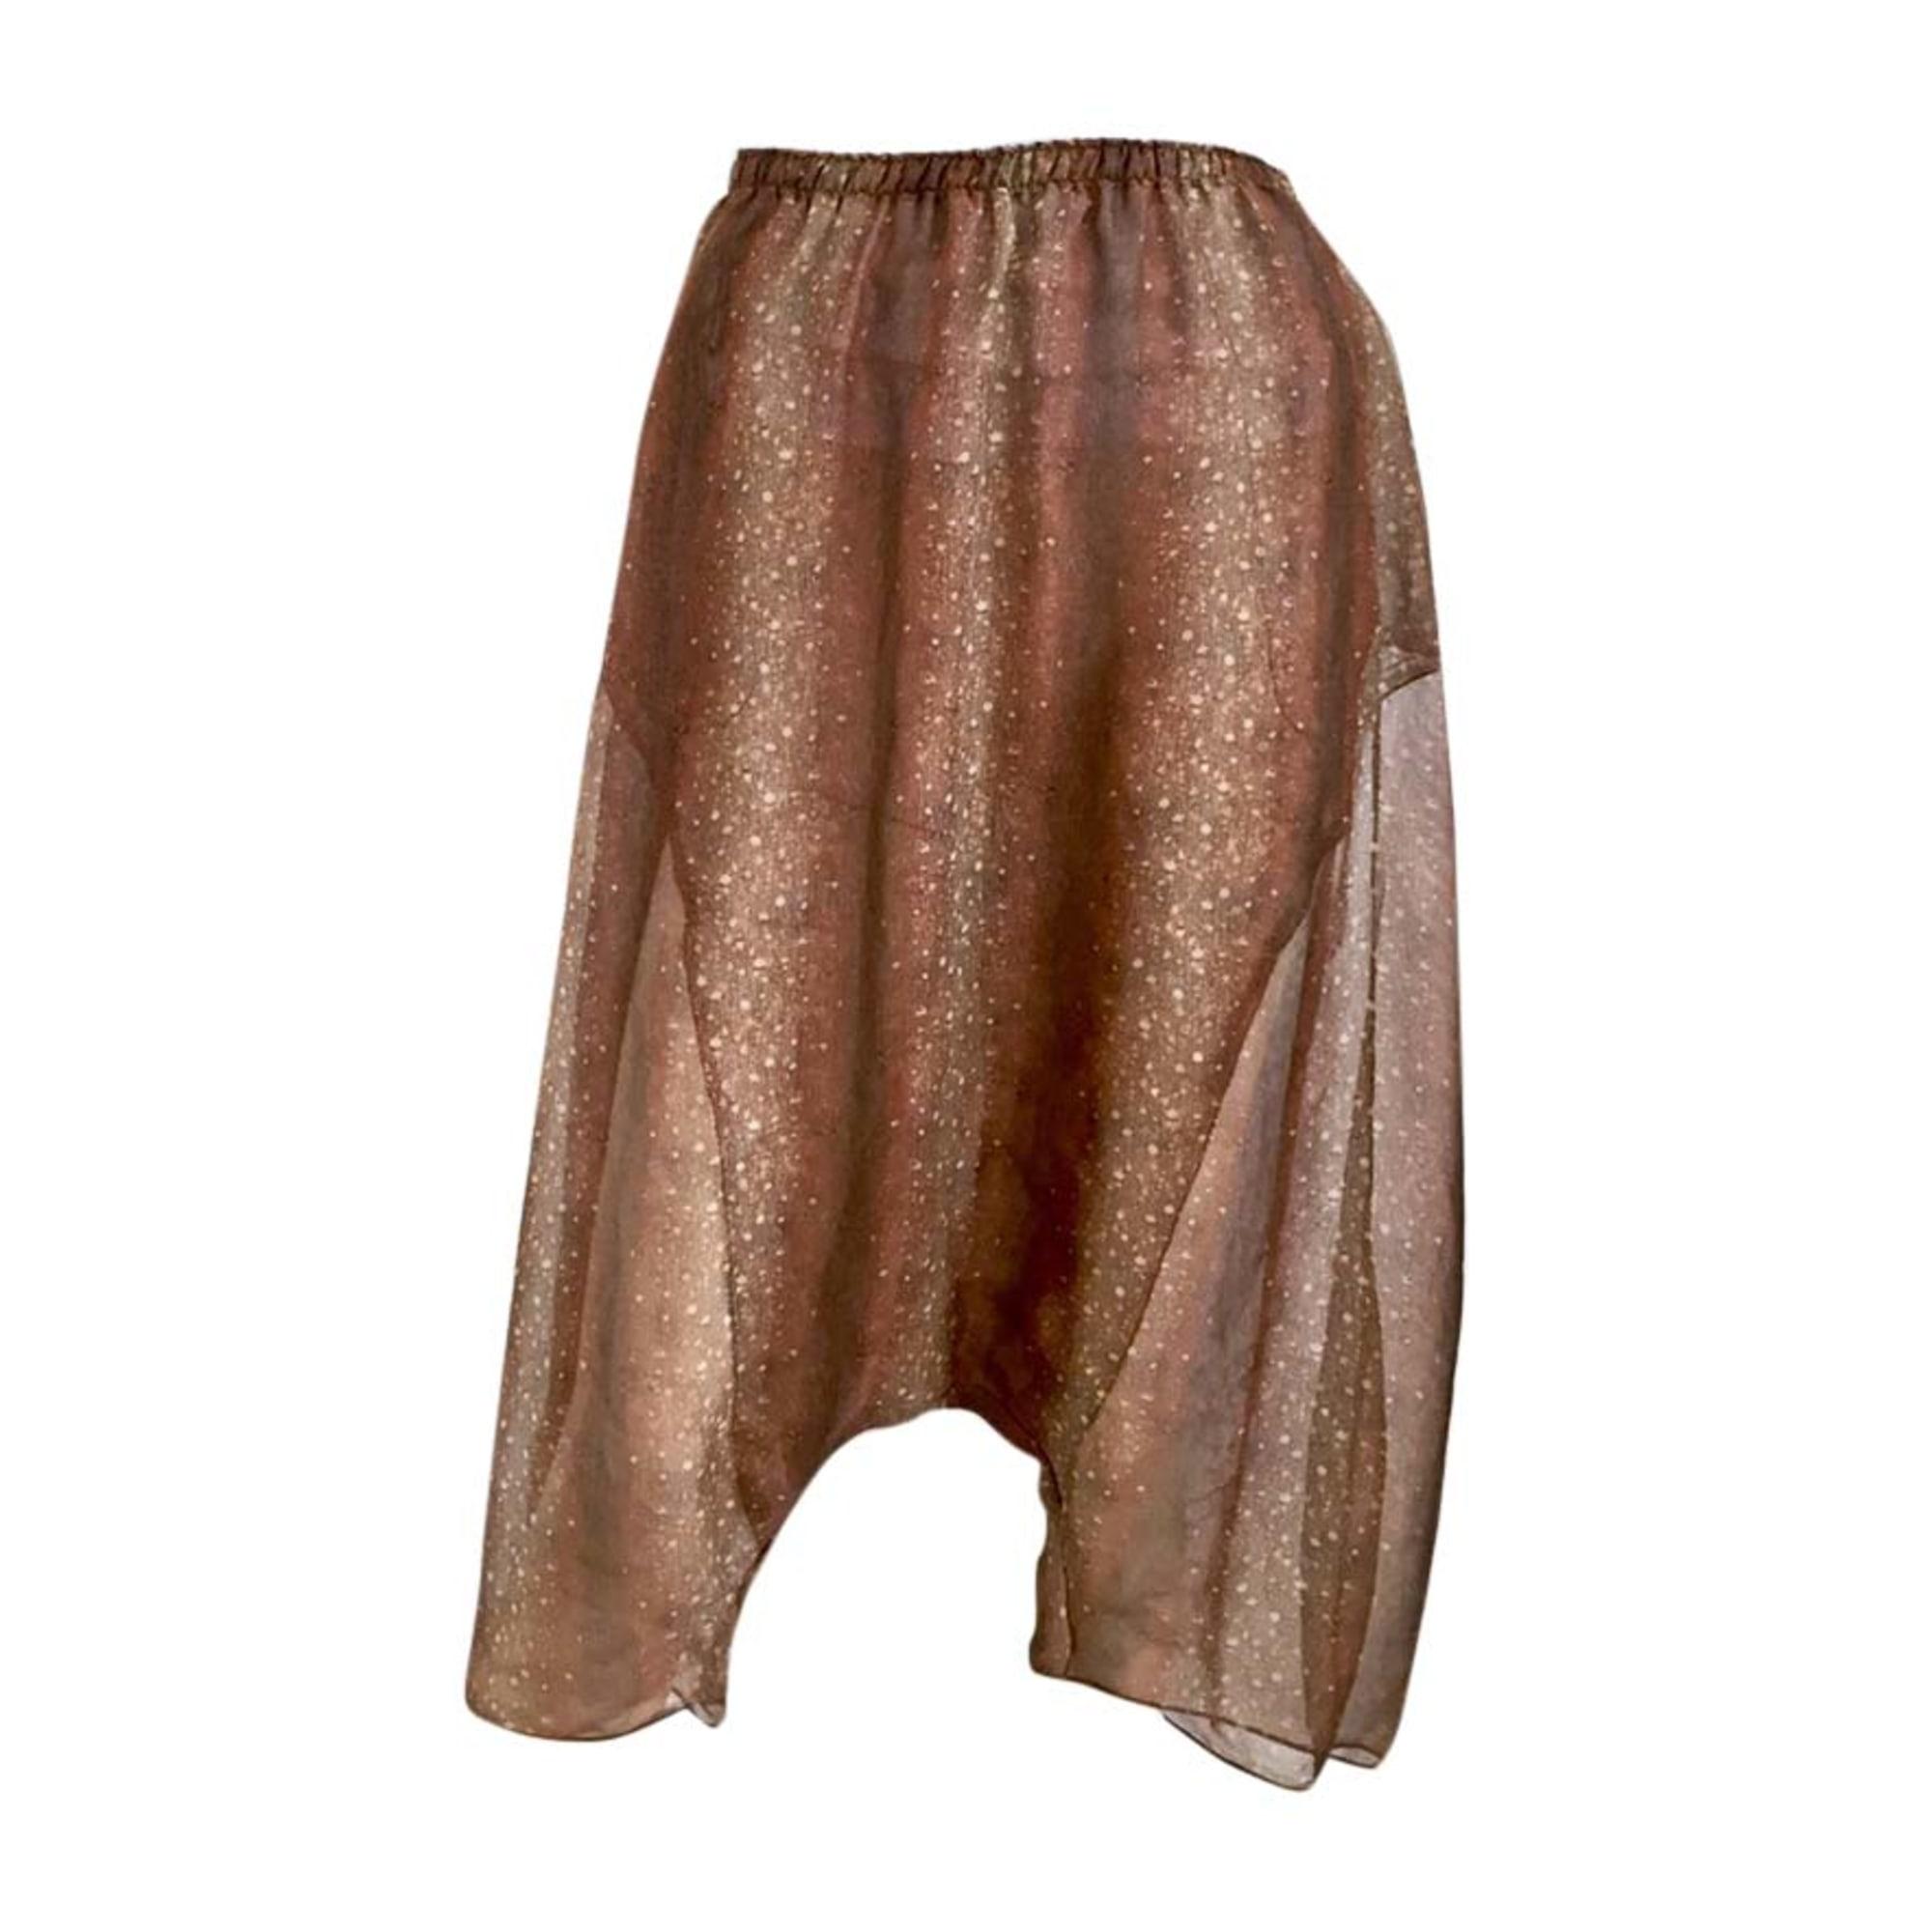 Wickelhose YVES SAINT LAURENT Nuances de brun